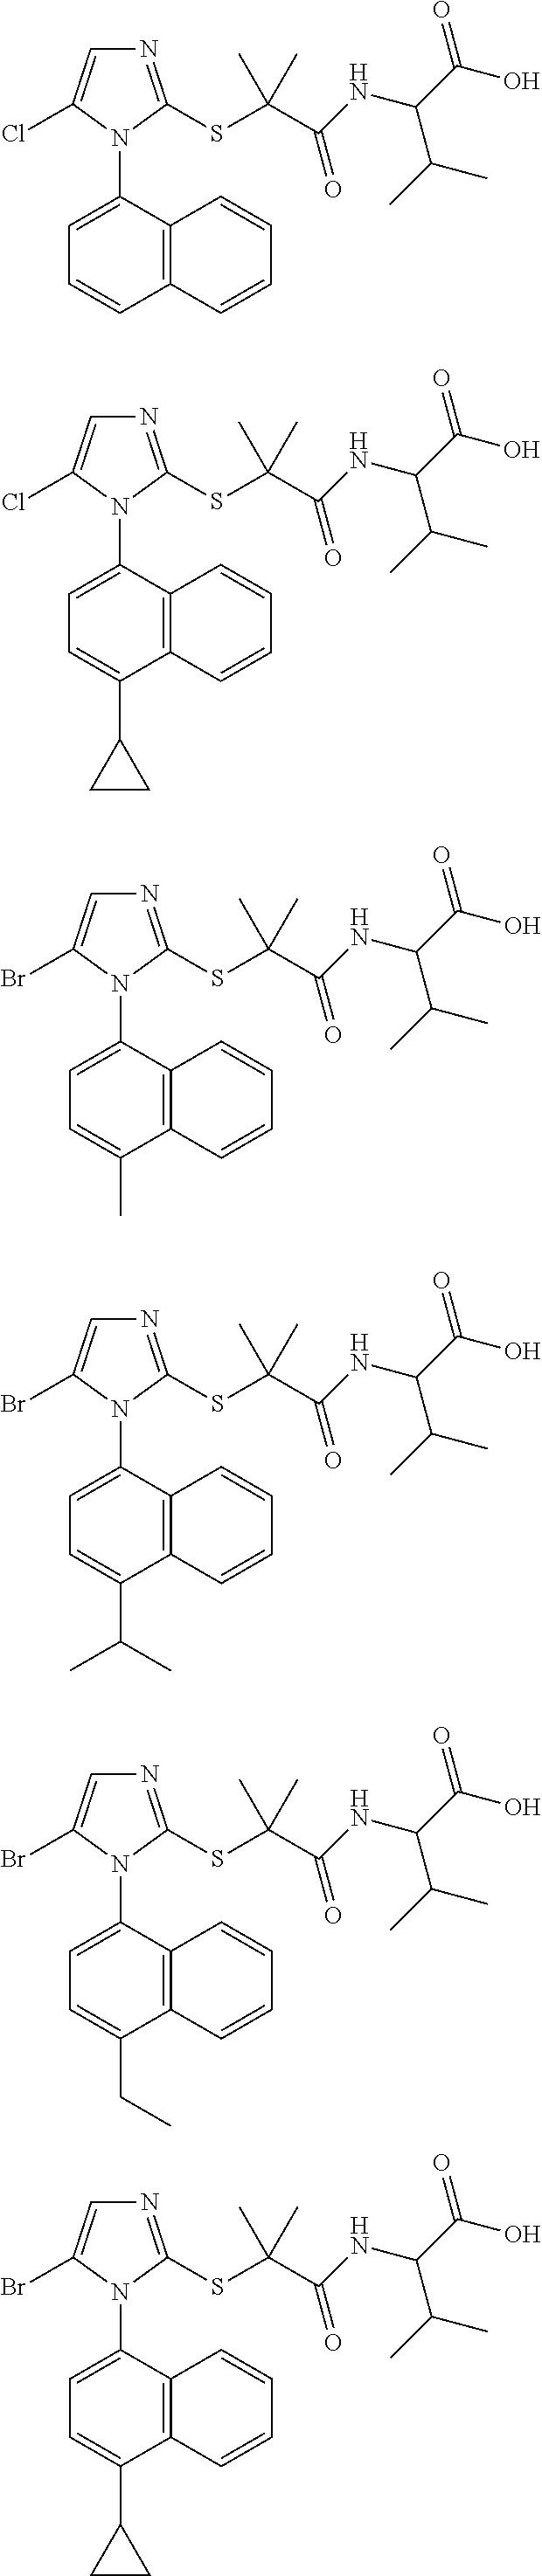 Figure US08283369-20121009-C00052